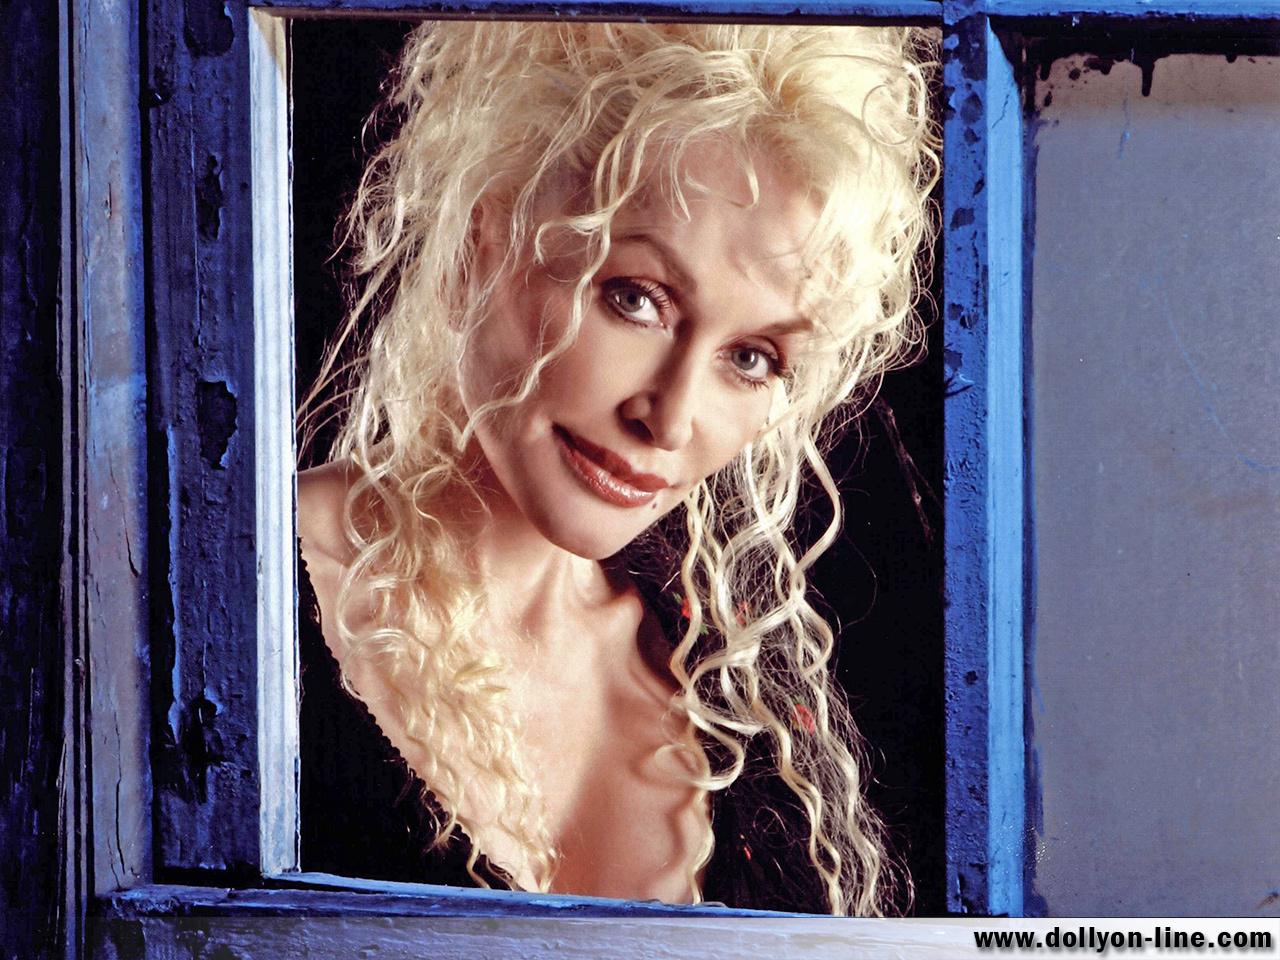 Dolly Parton Wallpaper 10888208 1280x960